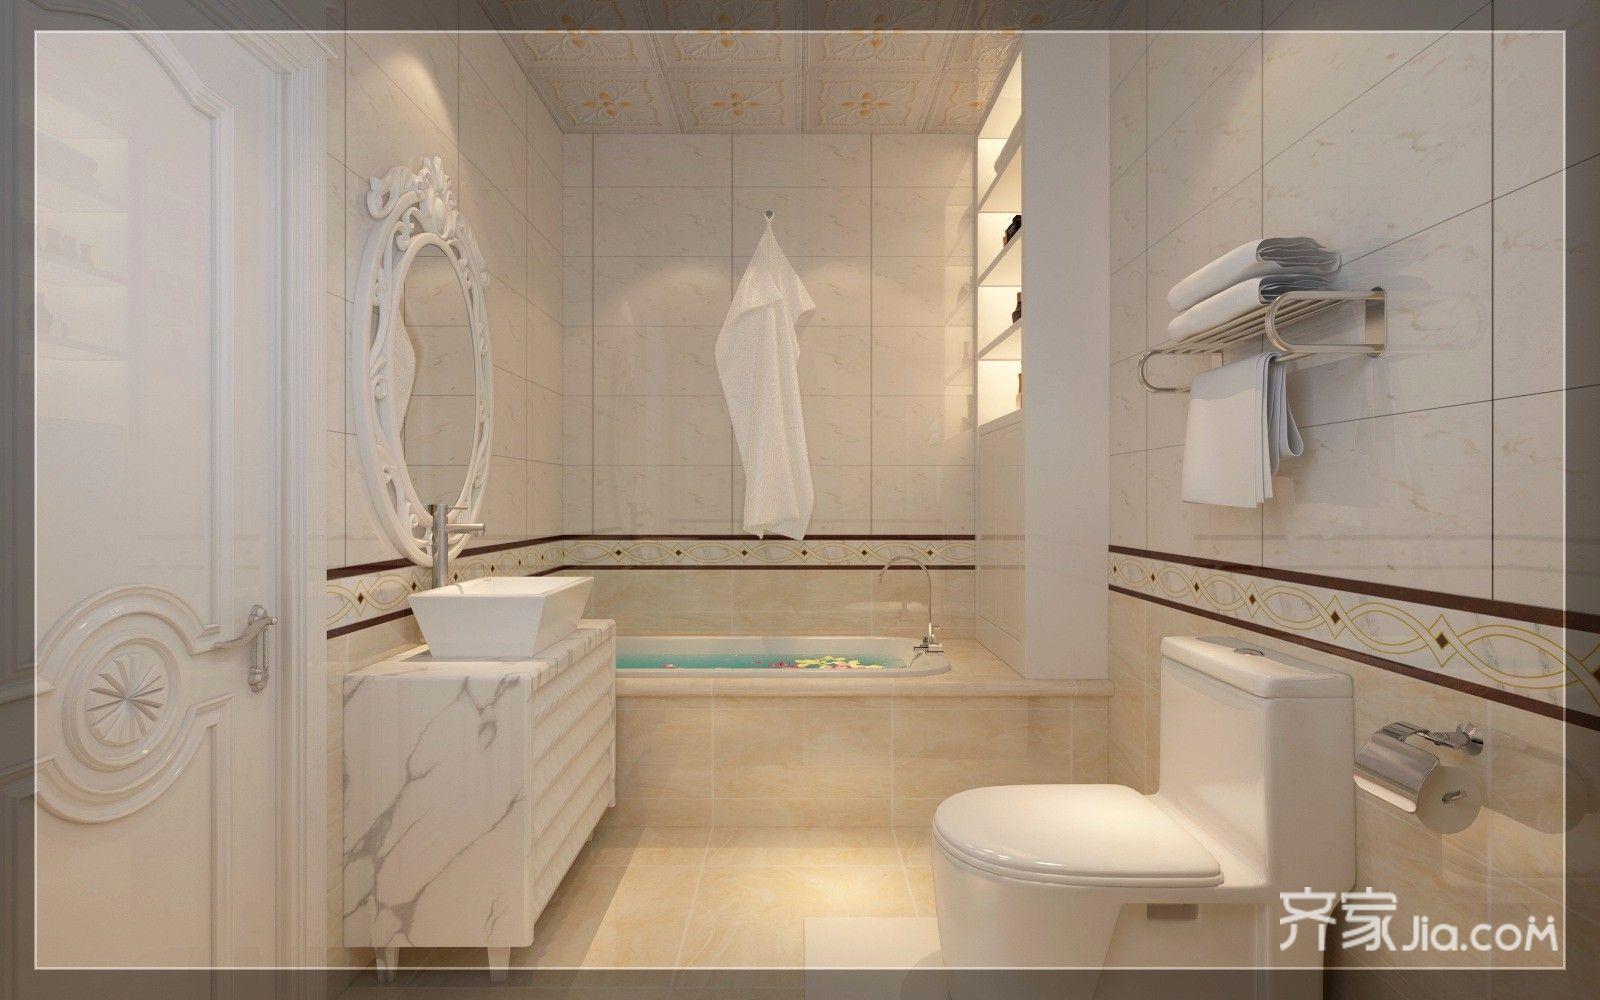 豪华欧式风格三居卫生间装修效果图